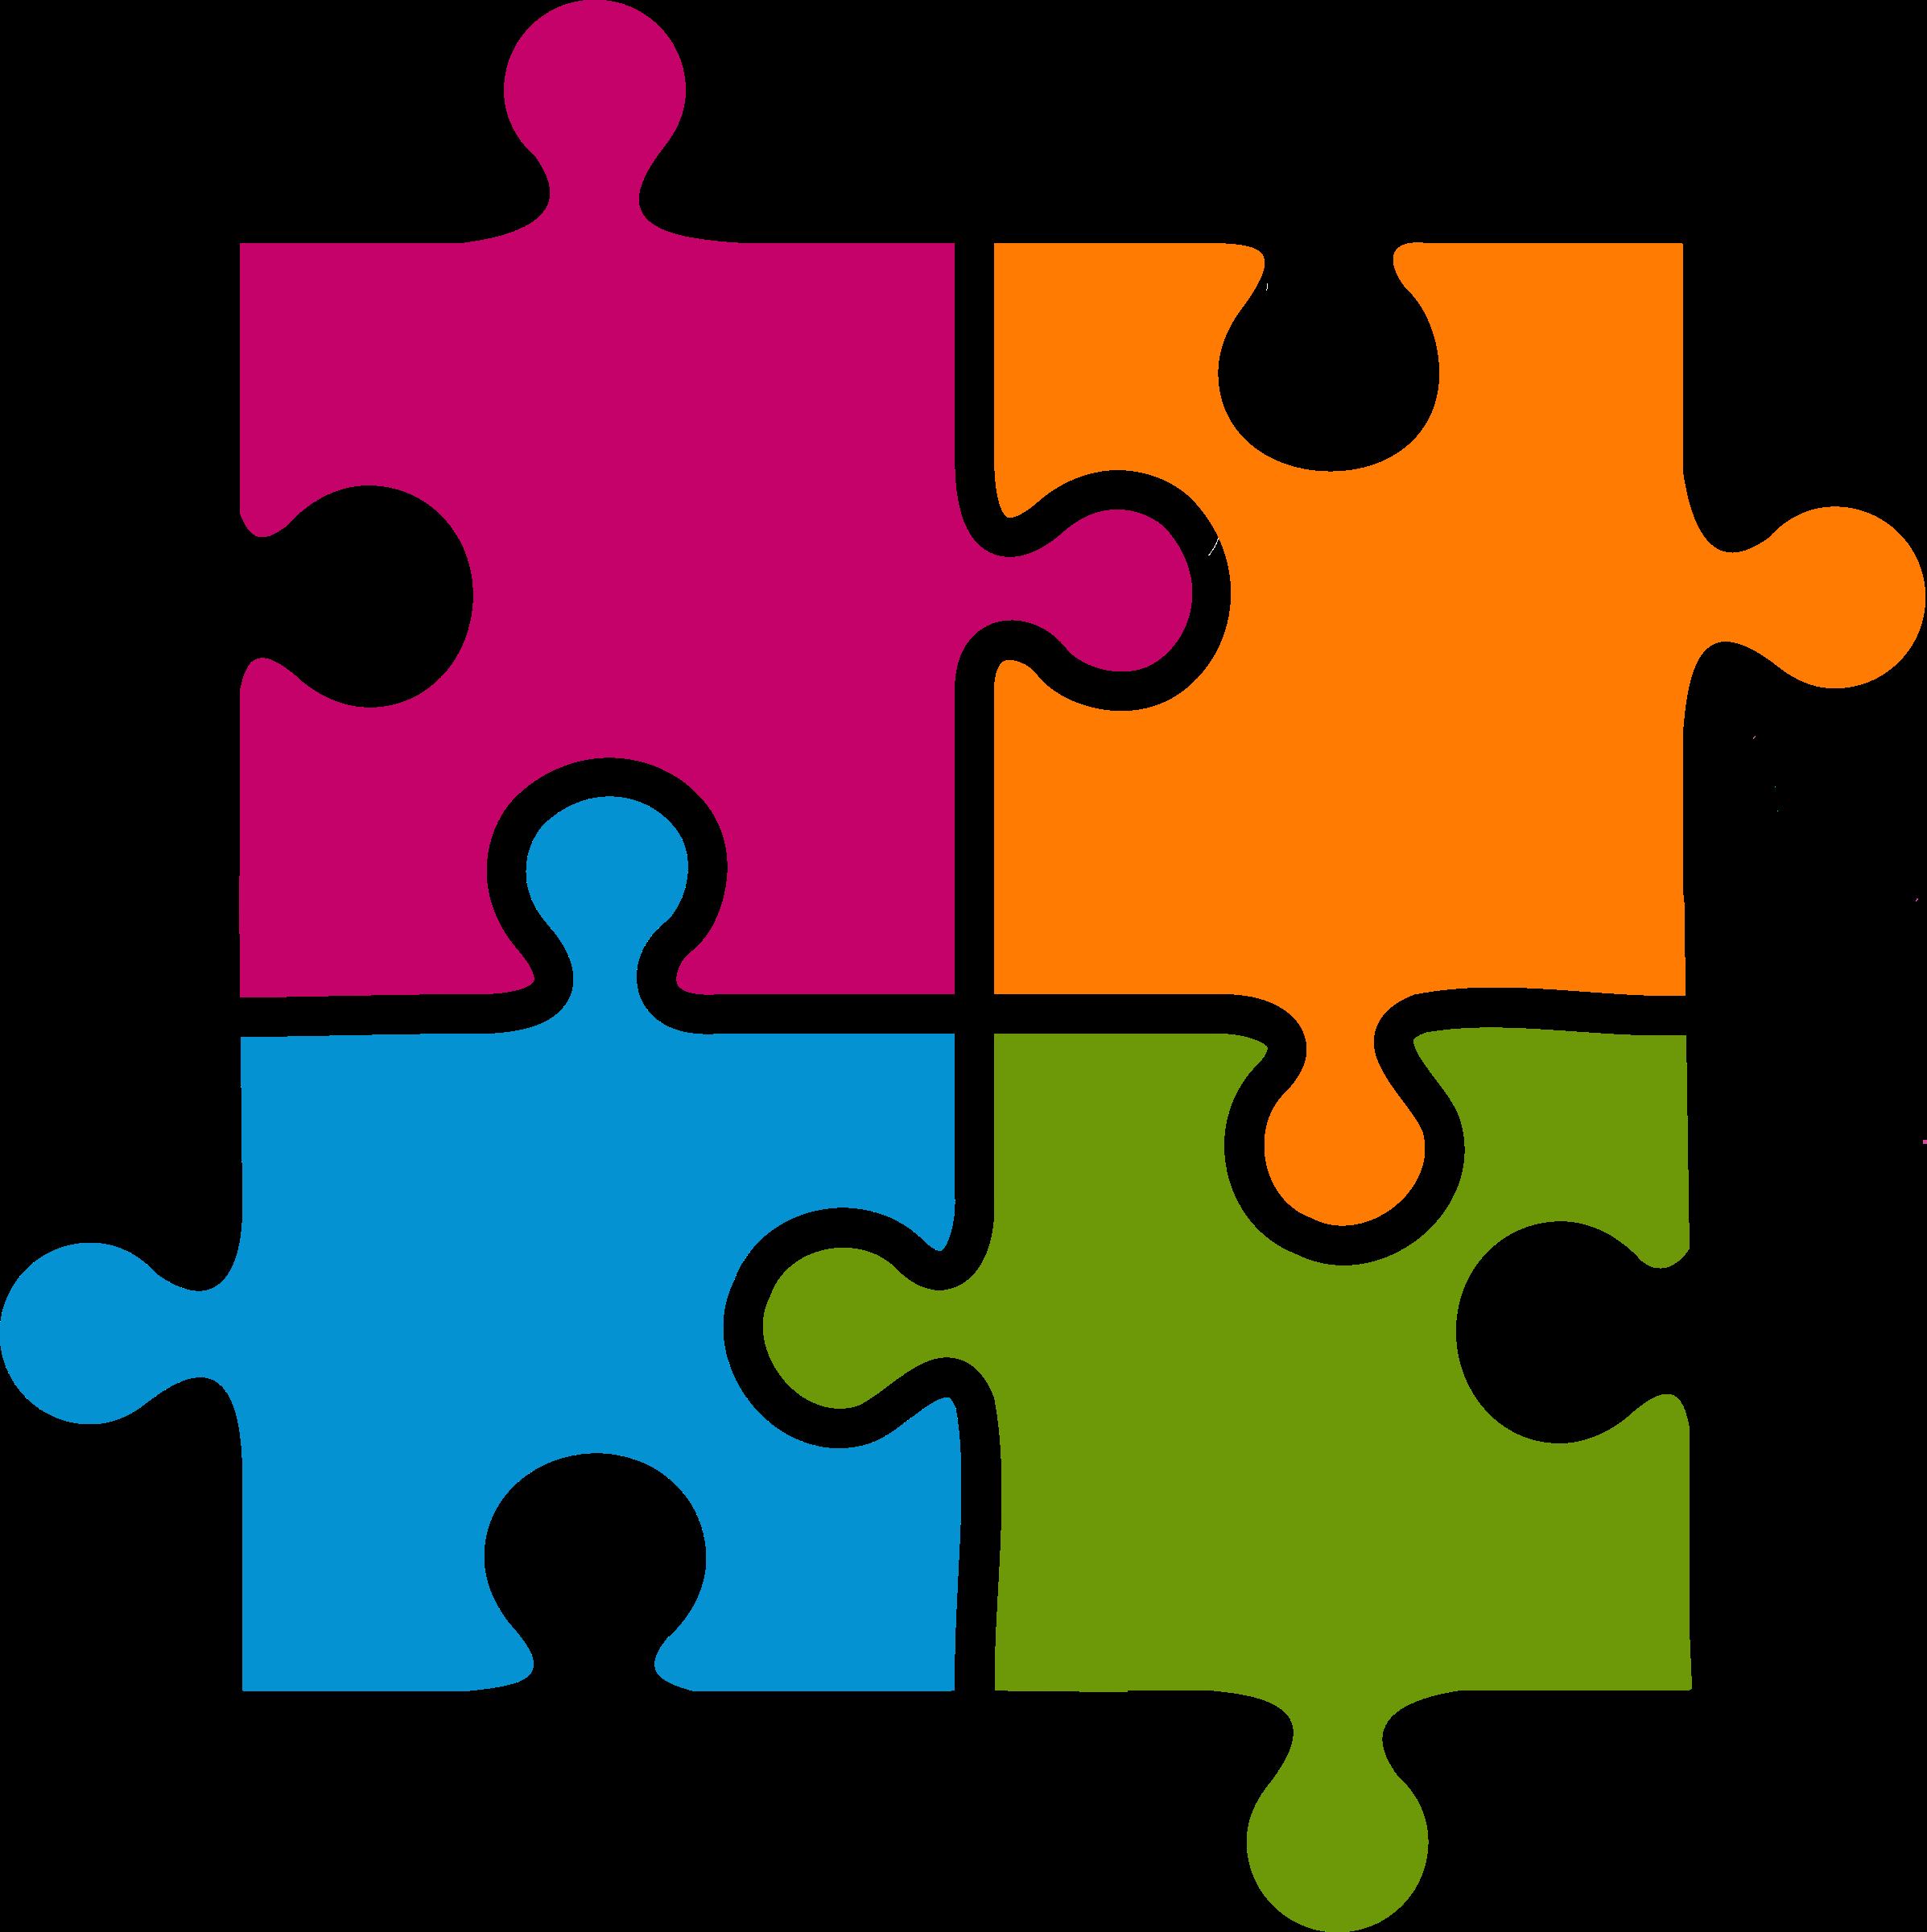 Clipart - puzzle